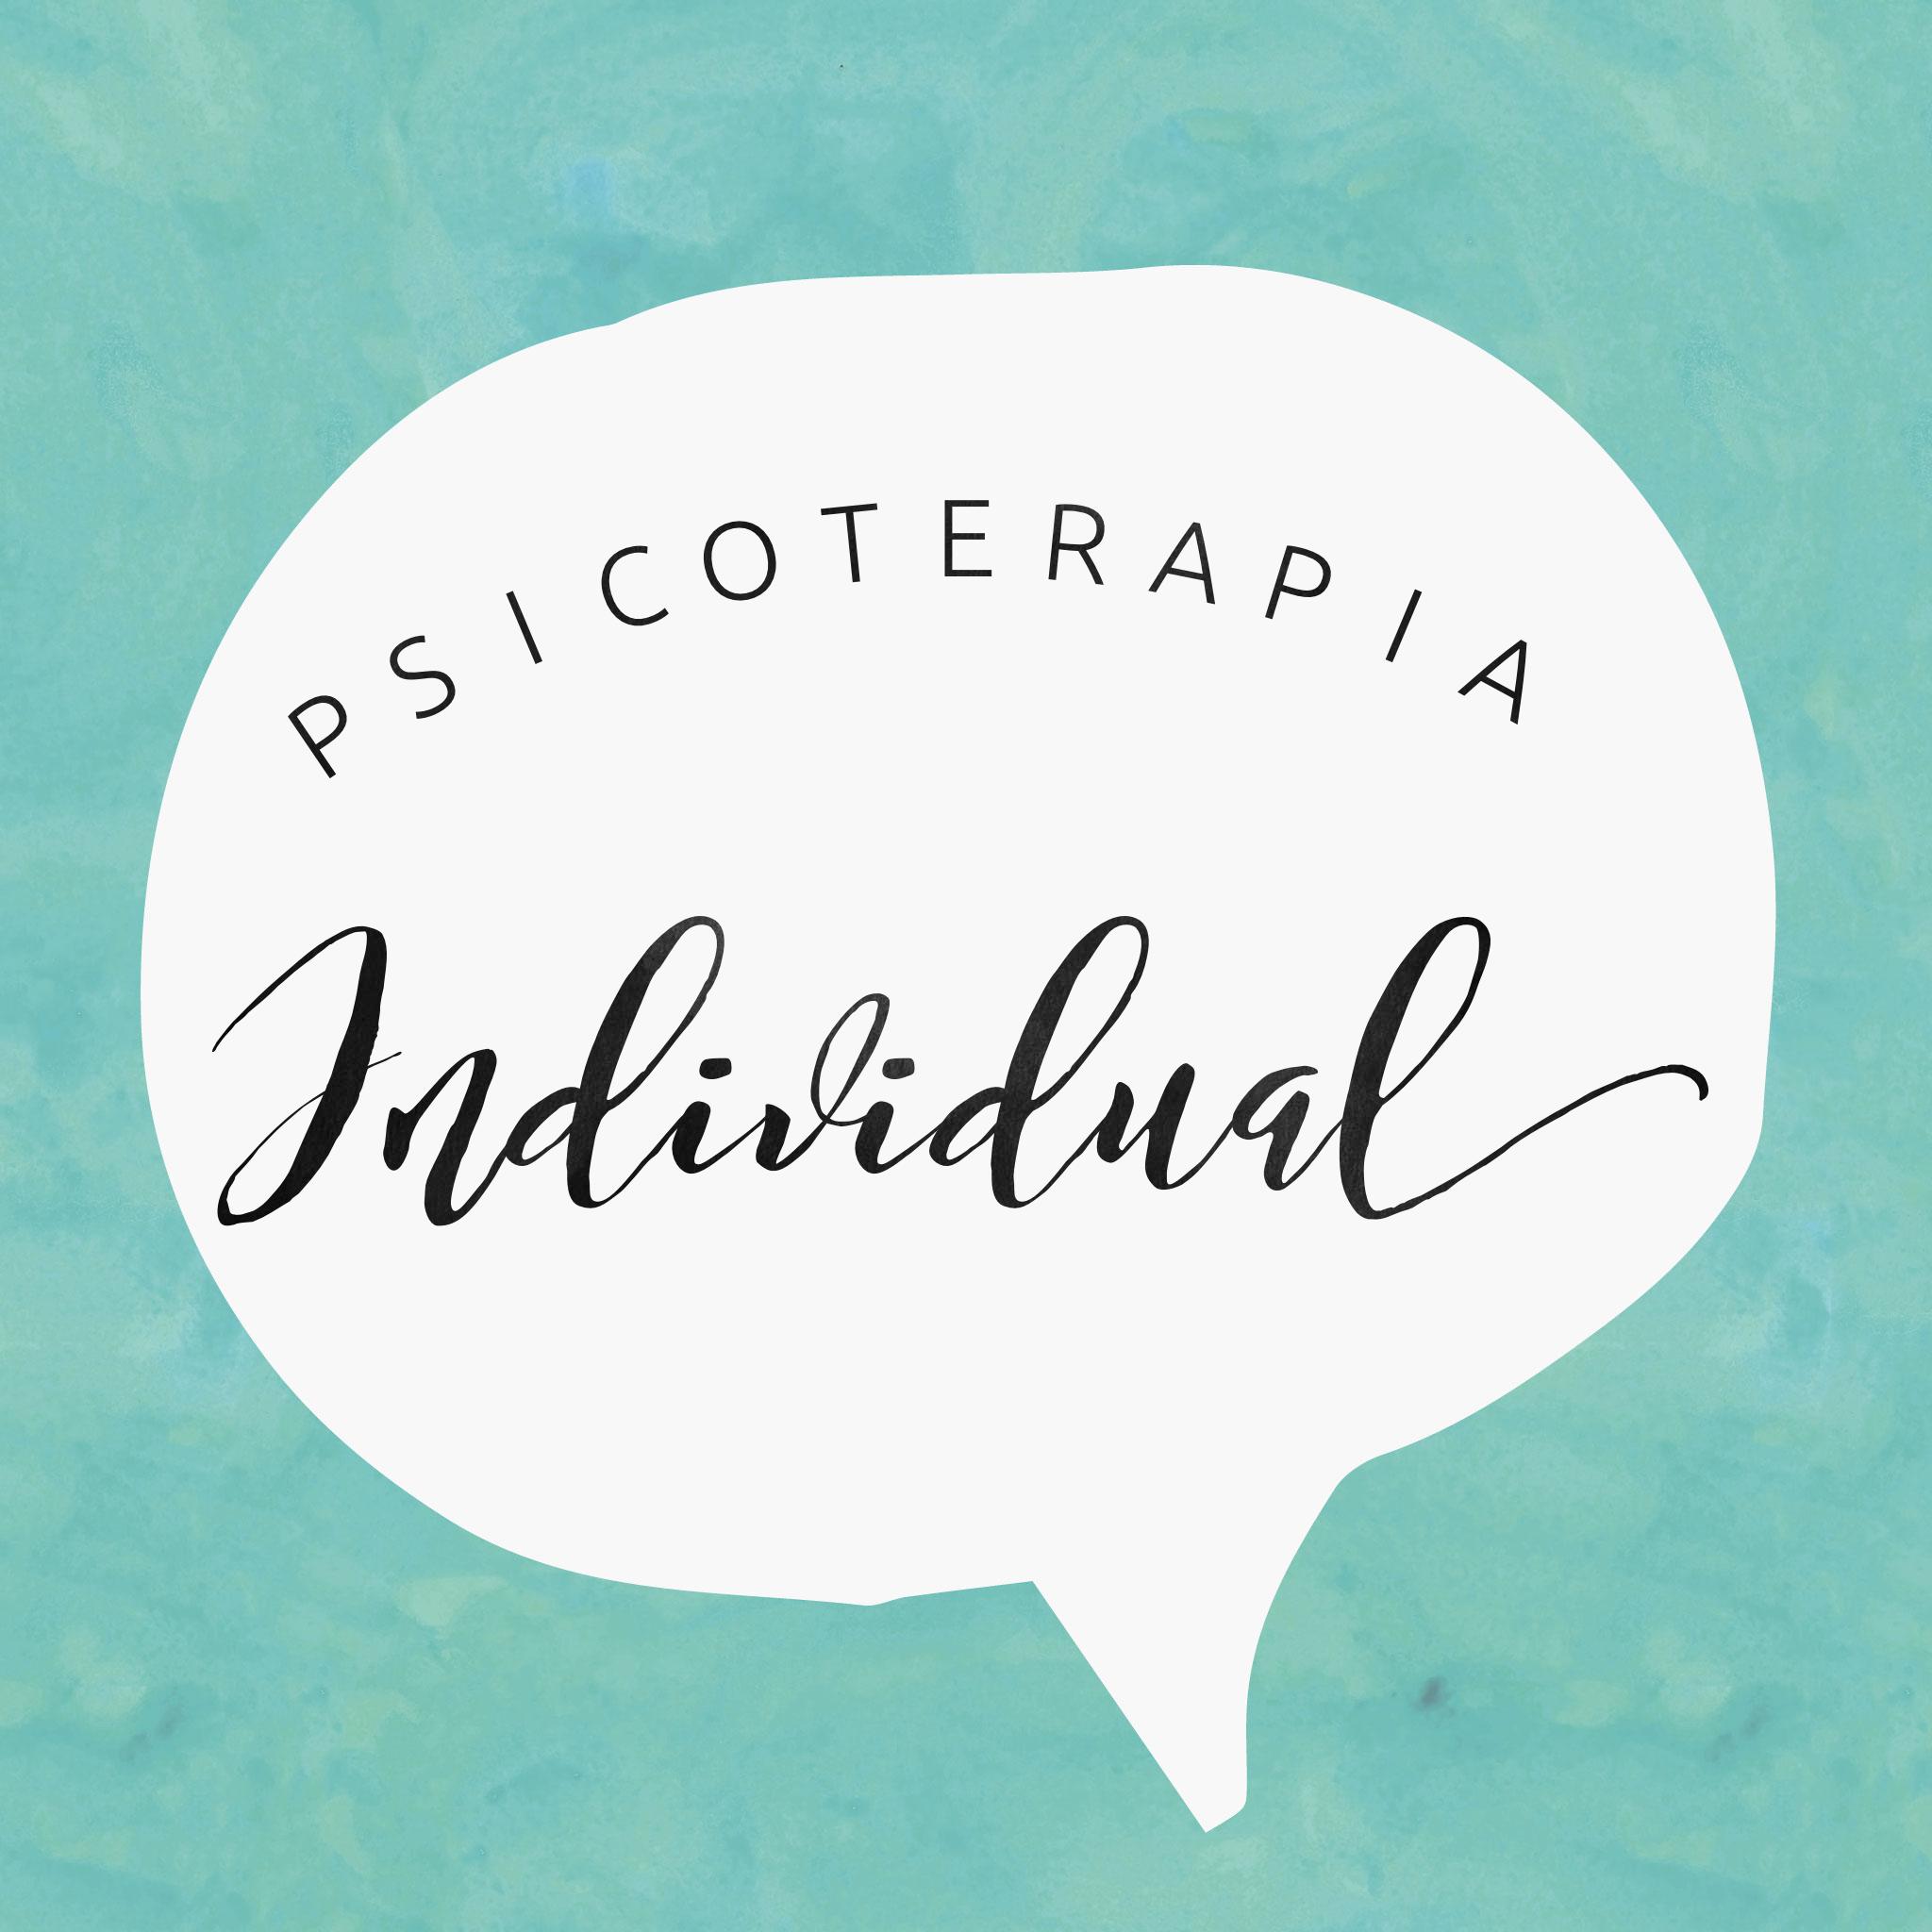 Individual - Presencial